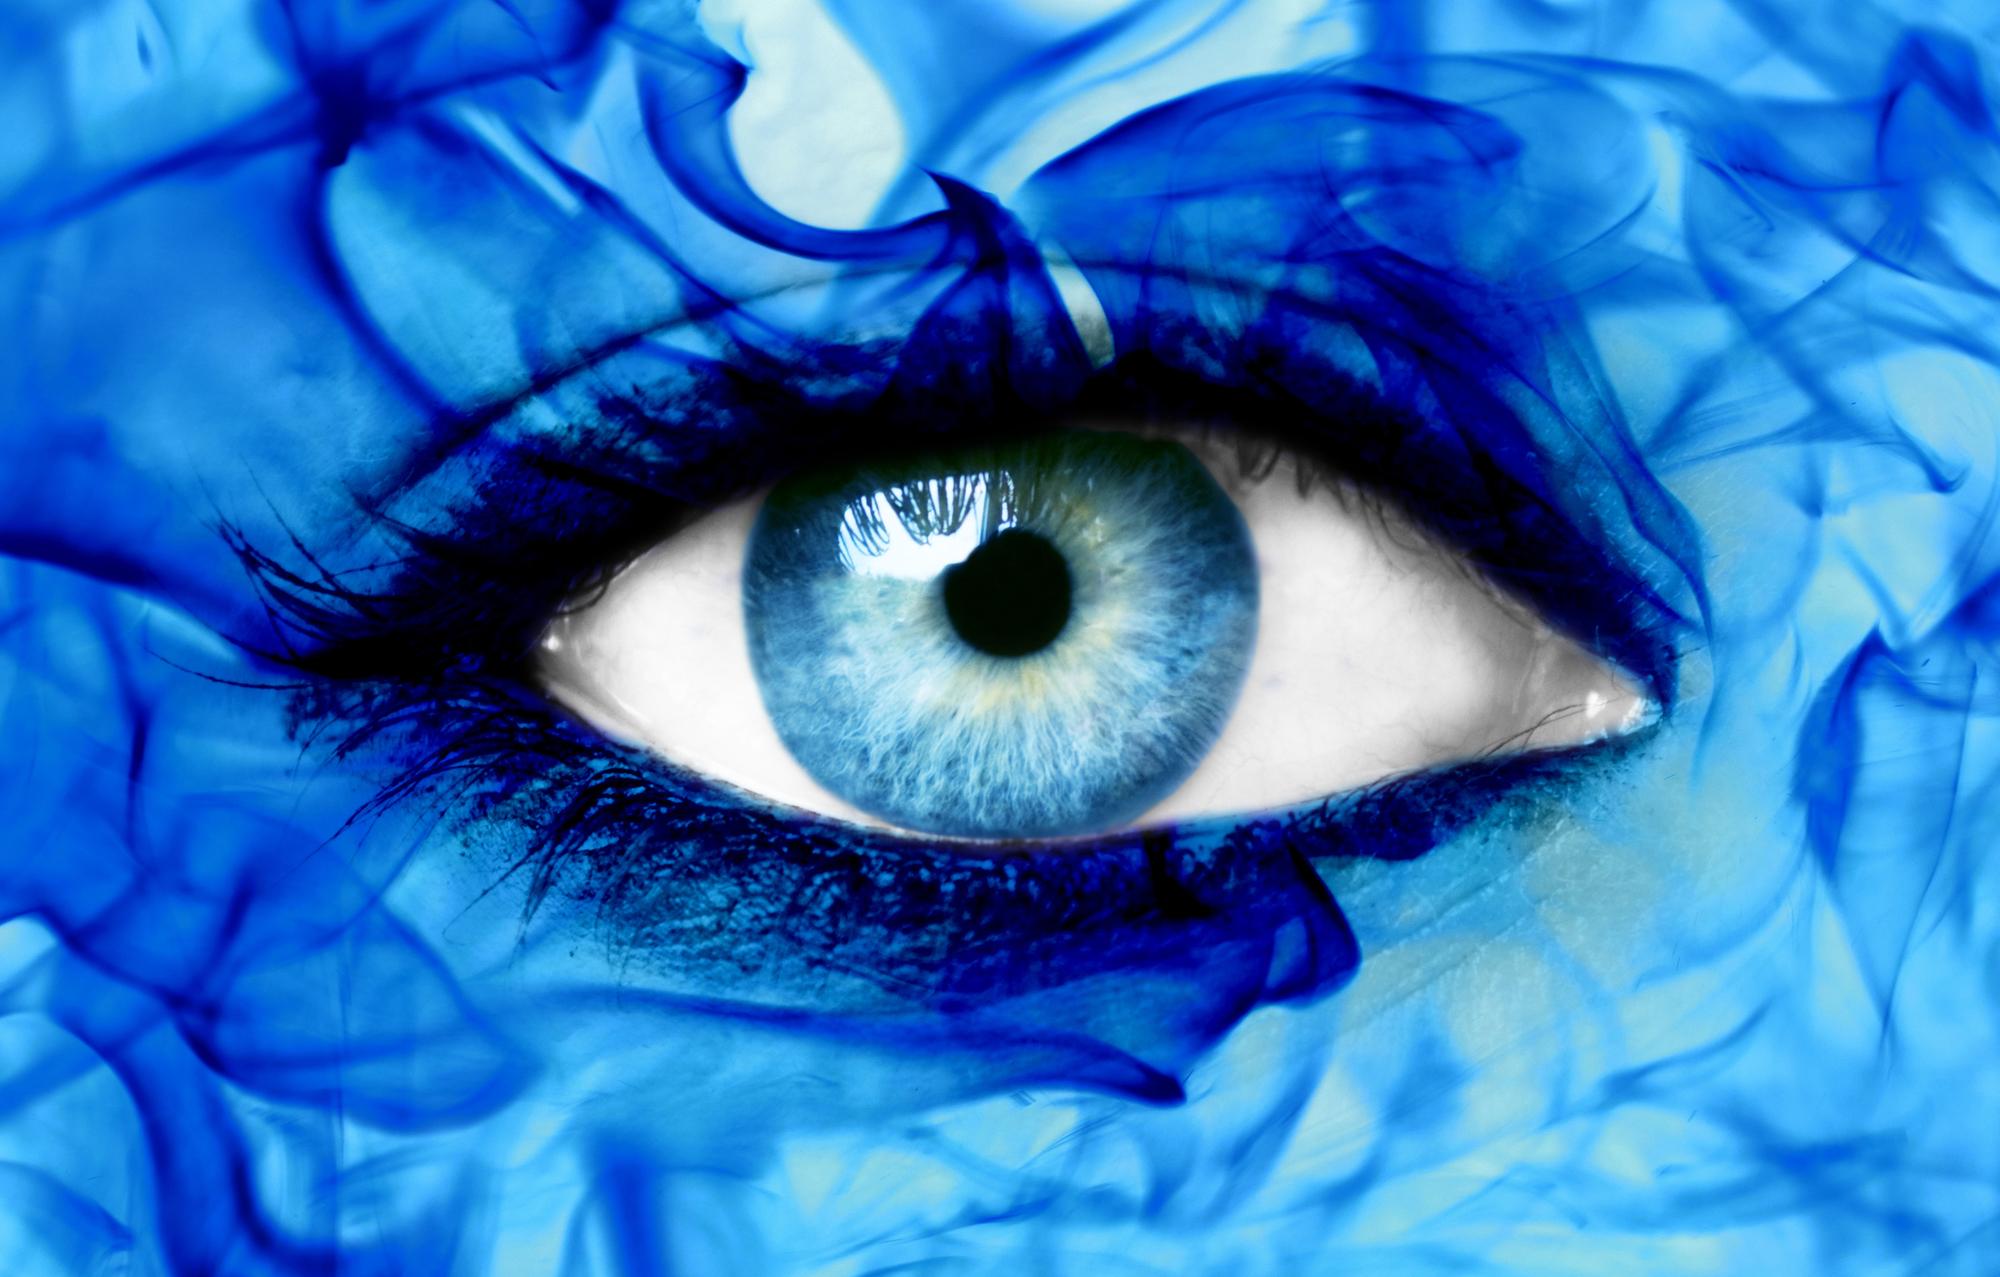 IRPL: een andere invalshoek bij de behandeling van droge ogen